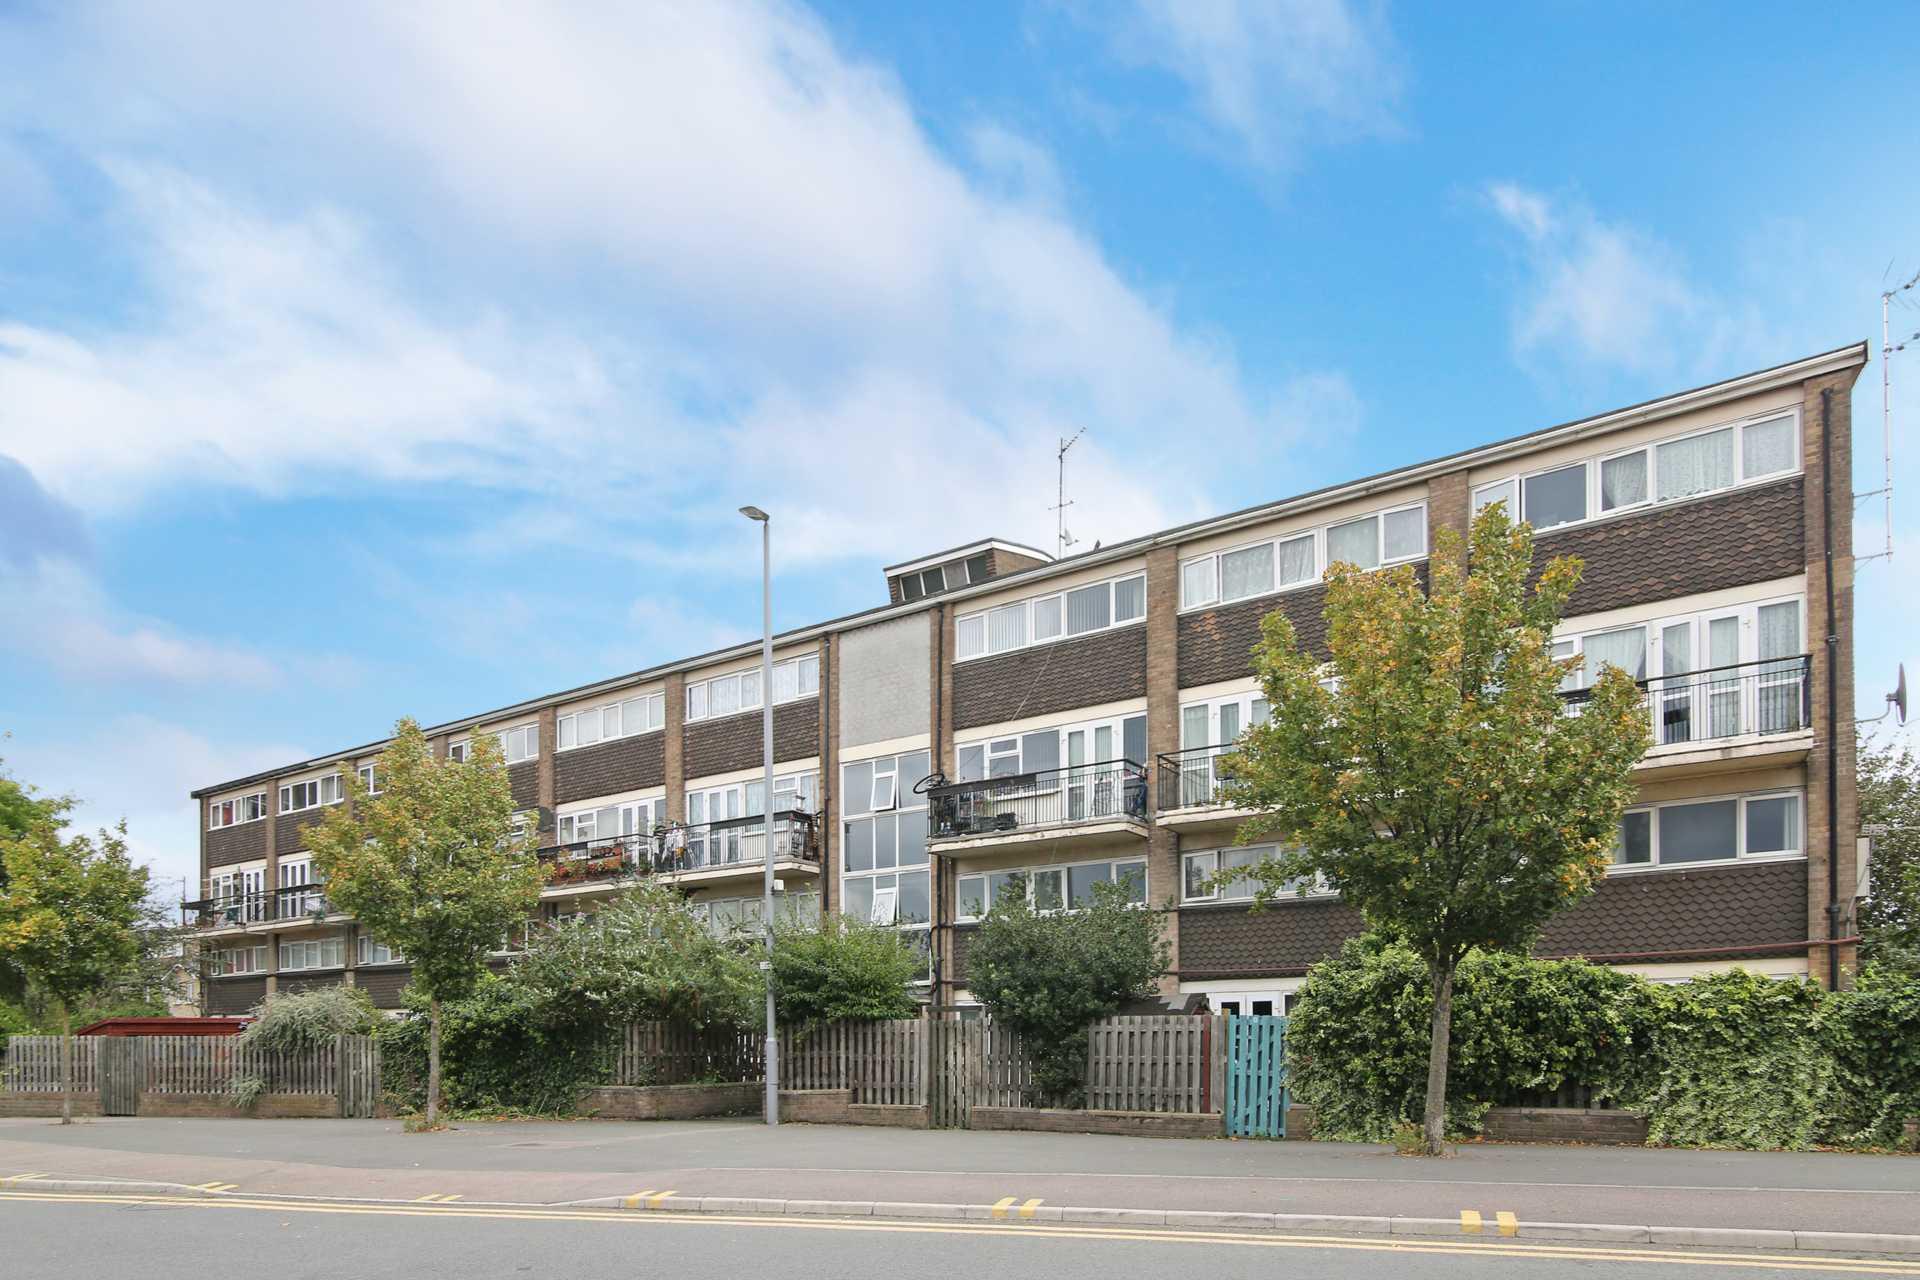 Leyton Grange Estate, Leyton, Image 1